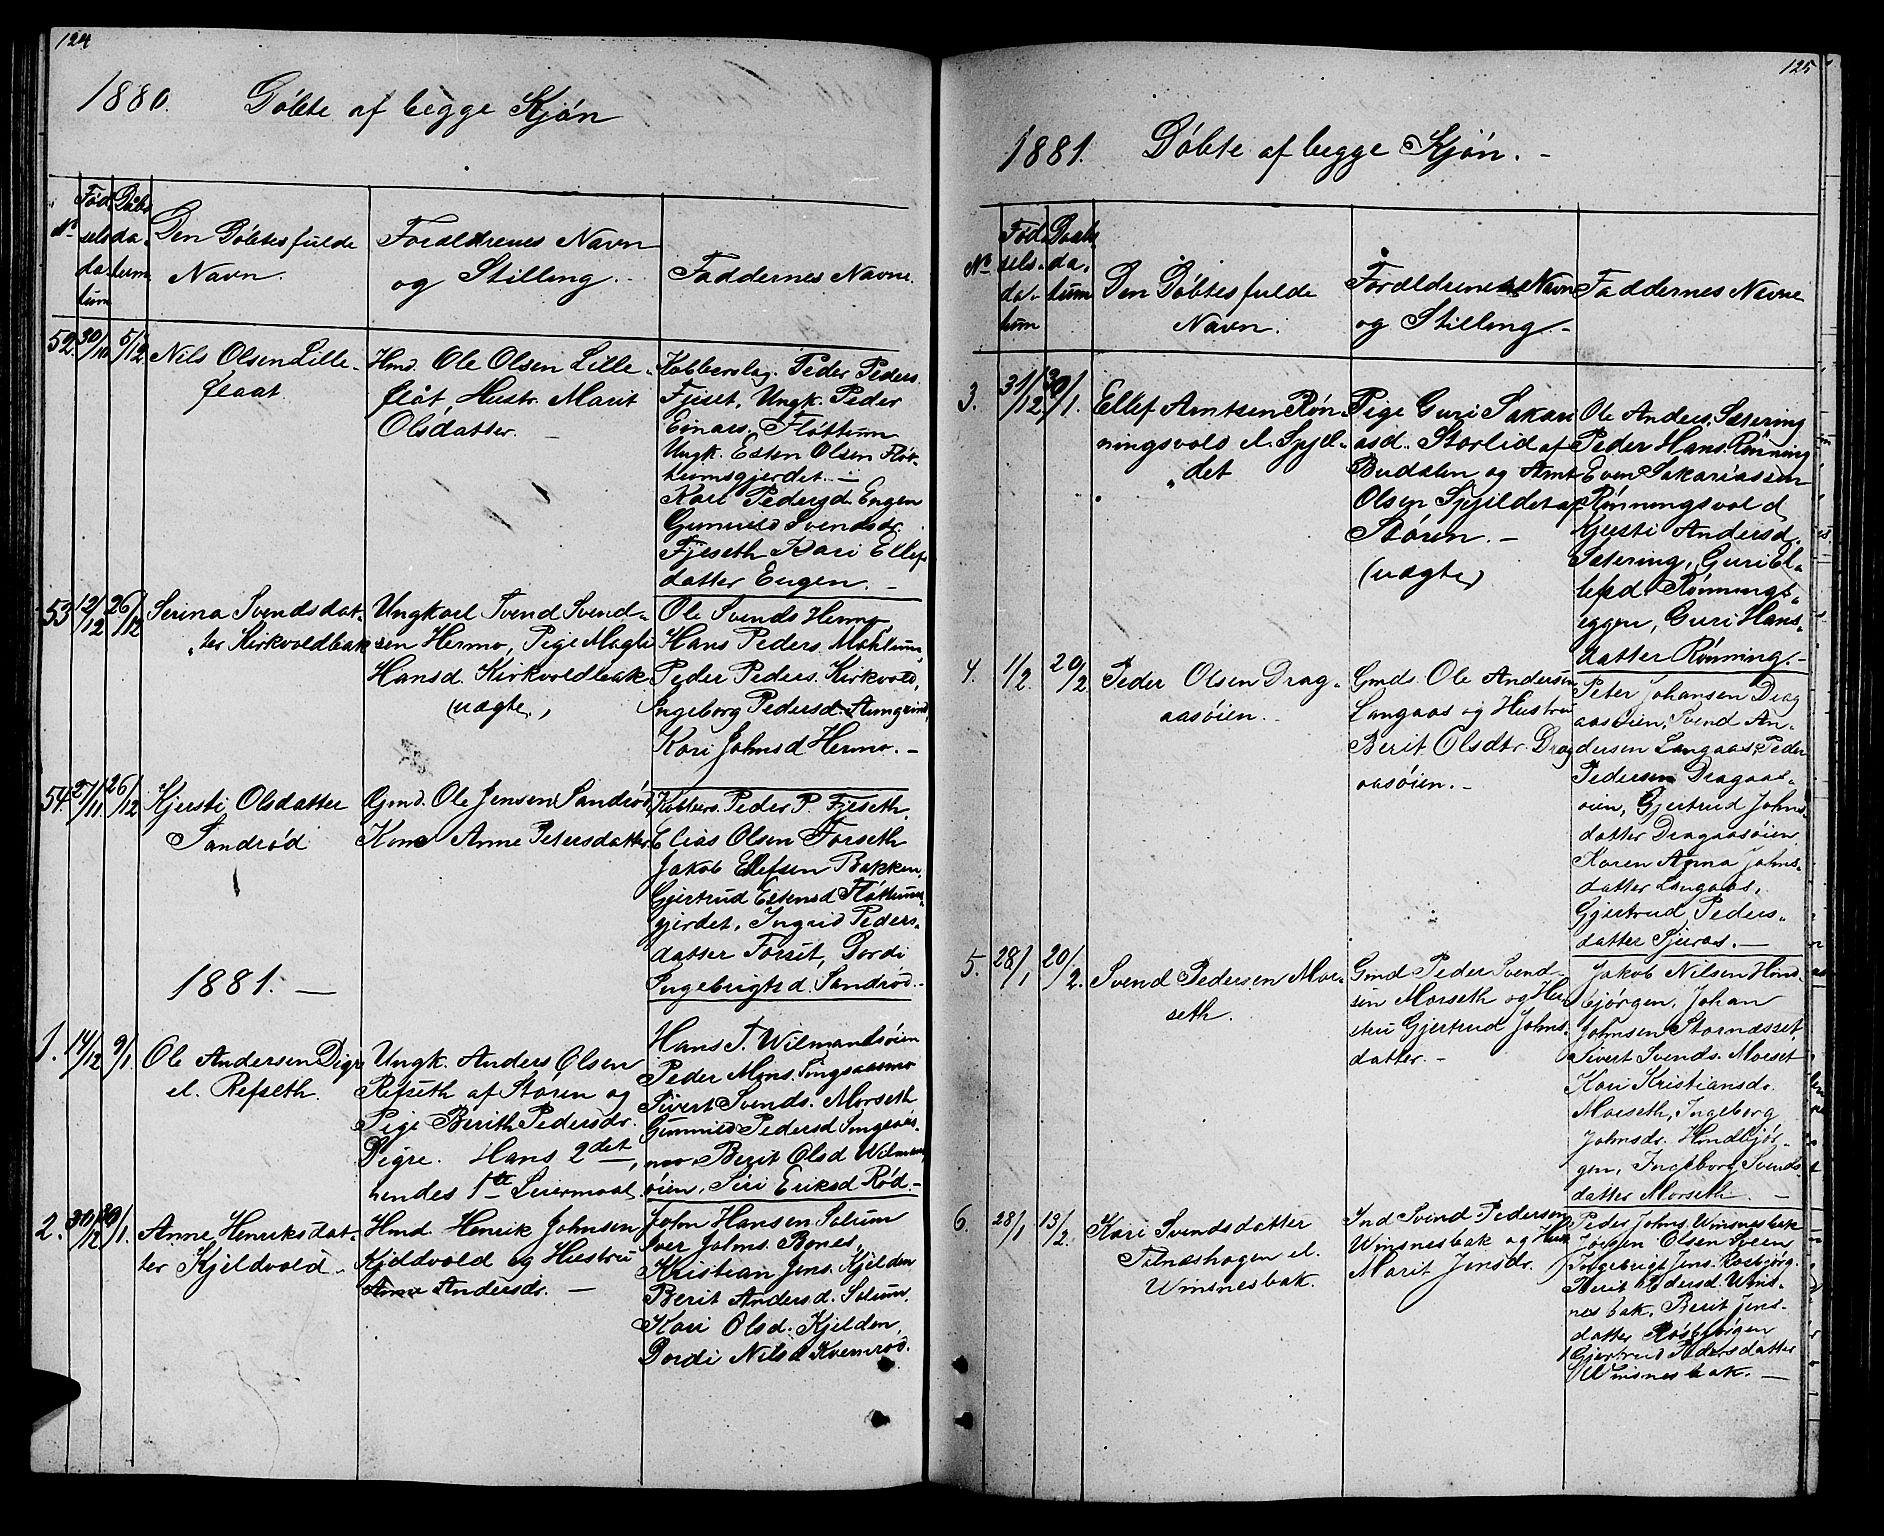 SAT, Ministerialprotokoller, klokkerbøker og fødselsregistre - Sør-Trøndelag, 688/L1027: Klokkerbok nr. 688C02, 1861-1889, s. 124-125